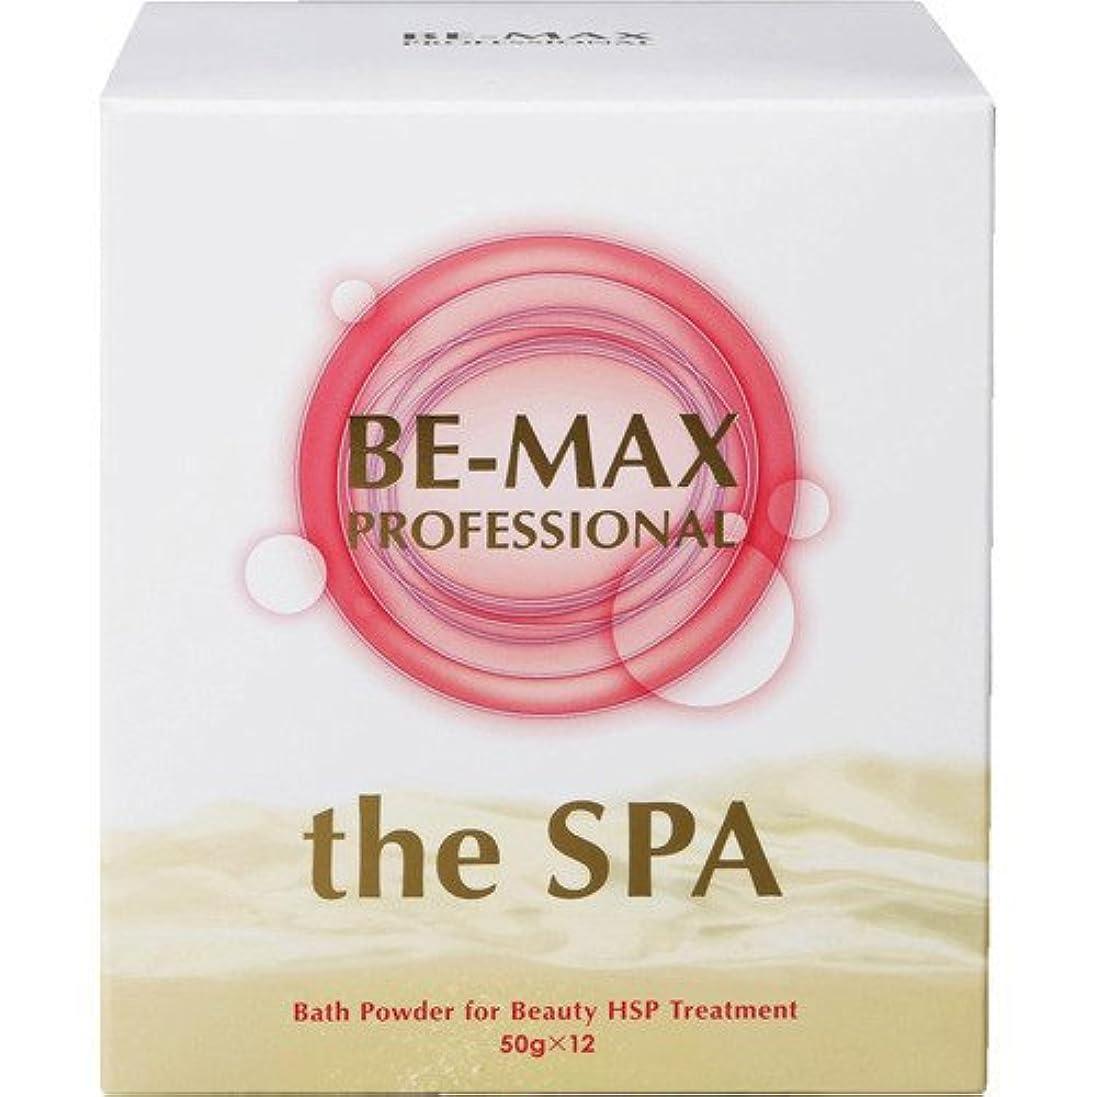 識字国内の割り当てBE-MAX PROFESSIONAL the SPA(ザ?スパ) ビーマックスプロフェッショナル ザ?スパ バスパウダー 50gx12包 (4571132621587)